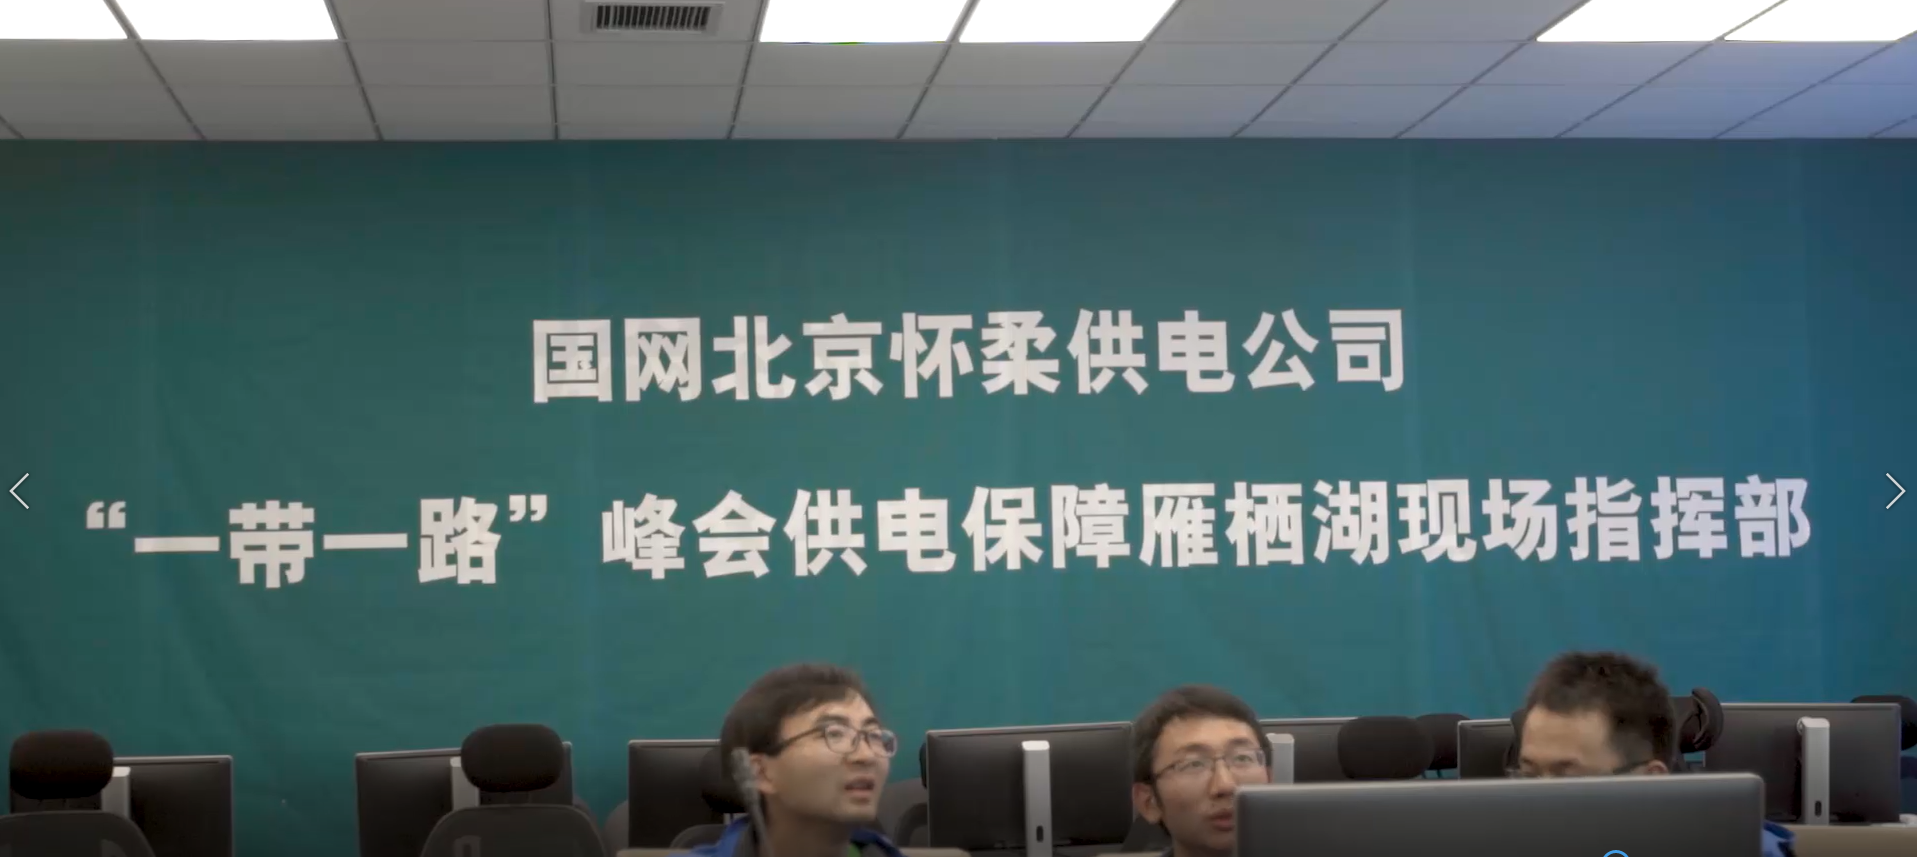 """国家电网-政治保电:2017年5月为在北京举行的""""一带一路""""国际合作高峰论坛提供特级保供电保障"""